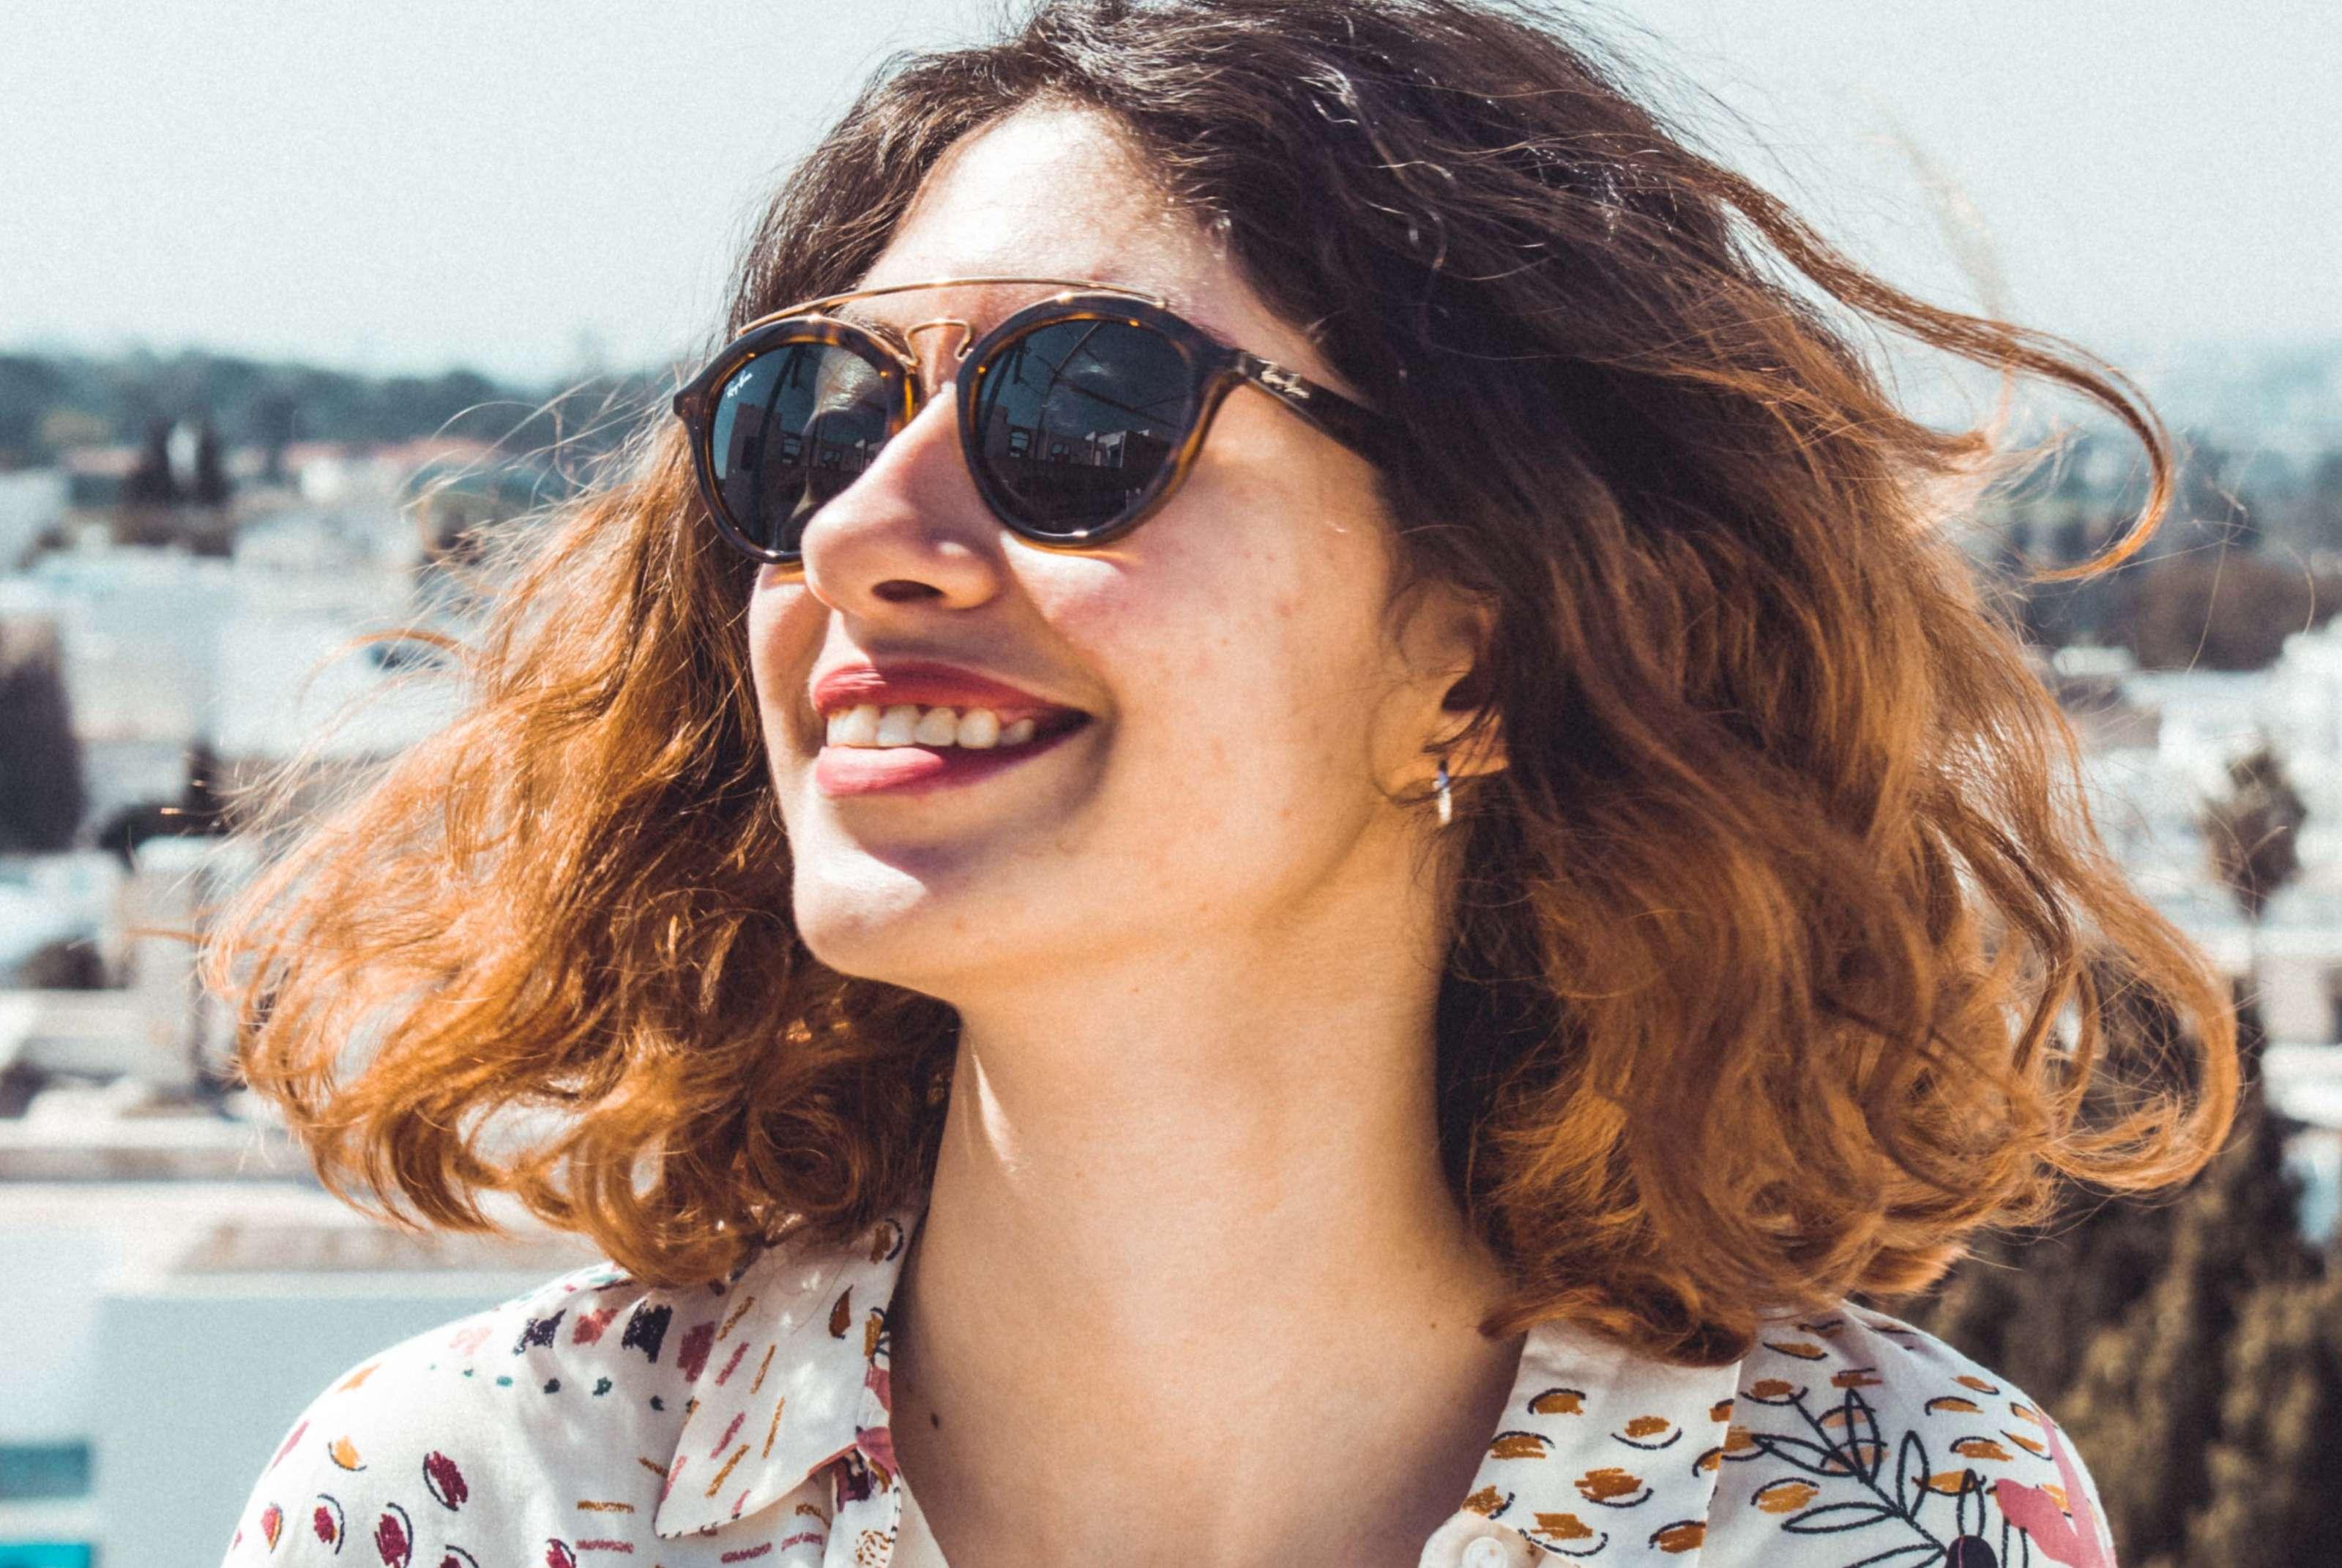 Óculos de sol com grau: uma opção para melhorar a qualidade de vida